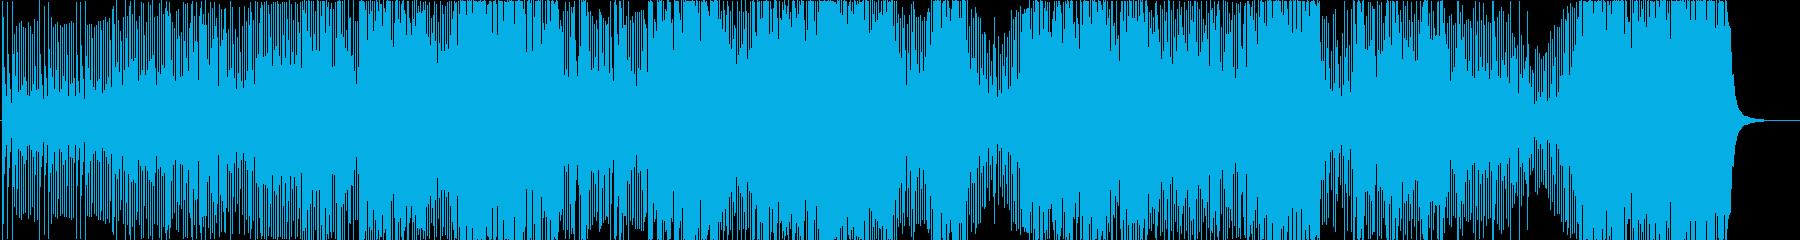 三味線と和太鼓の激しい曲の再生済みの波形